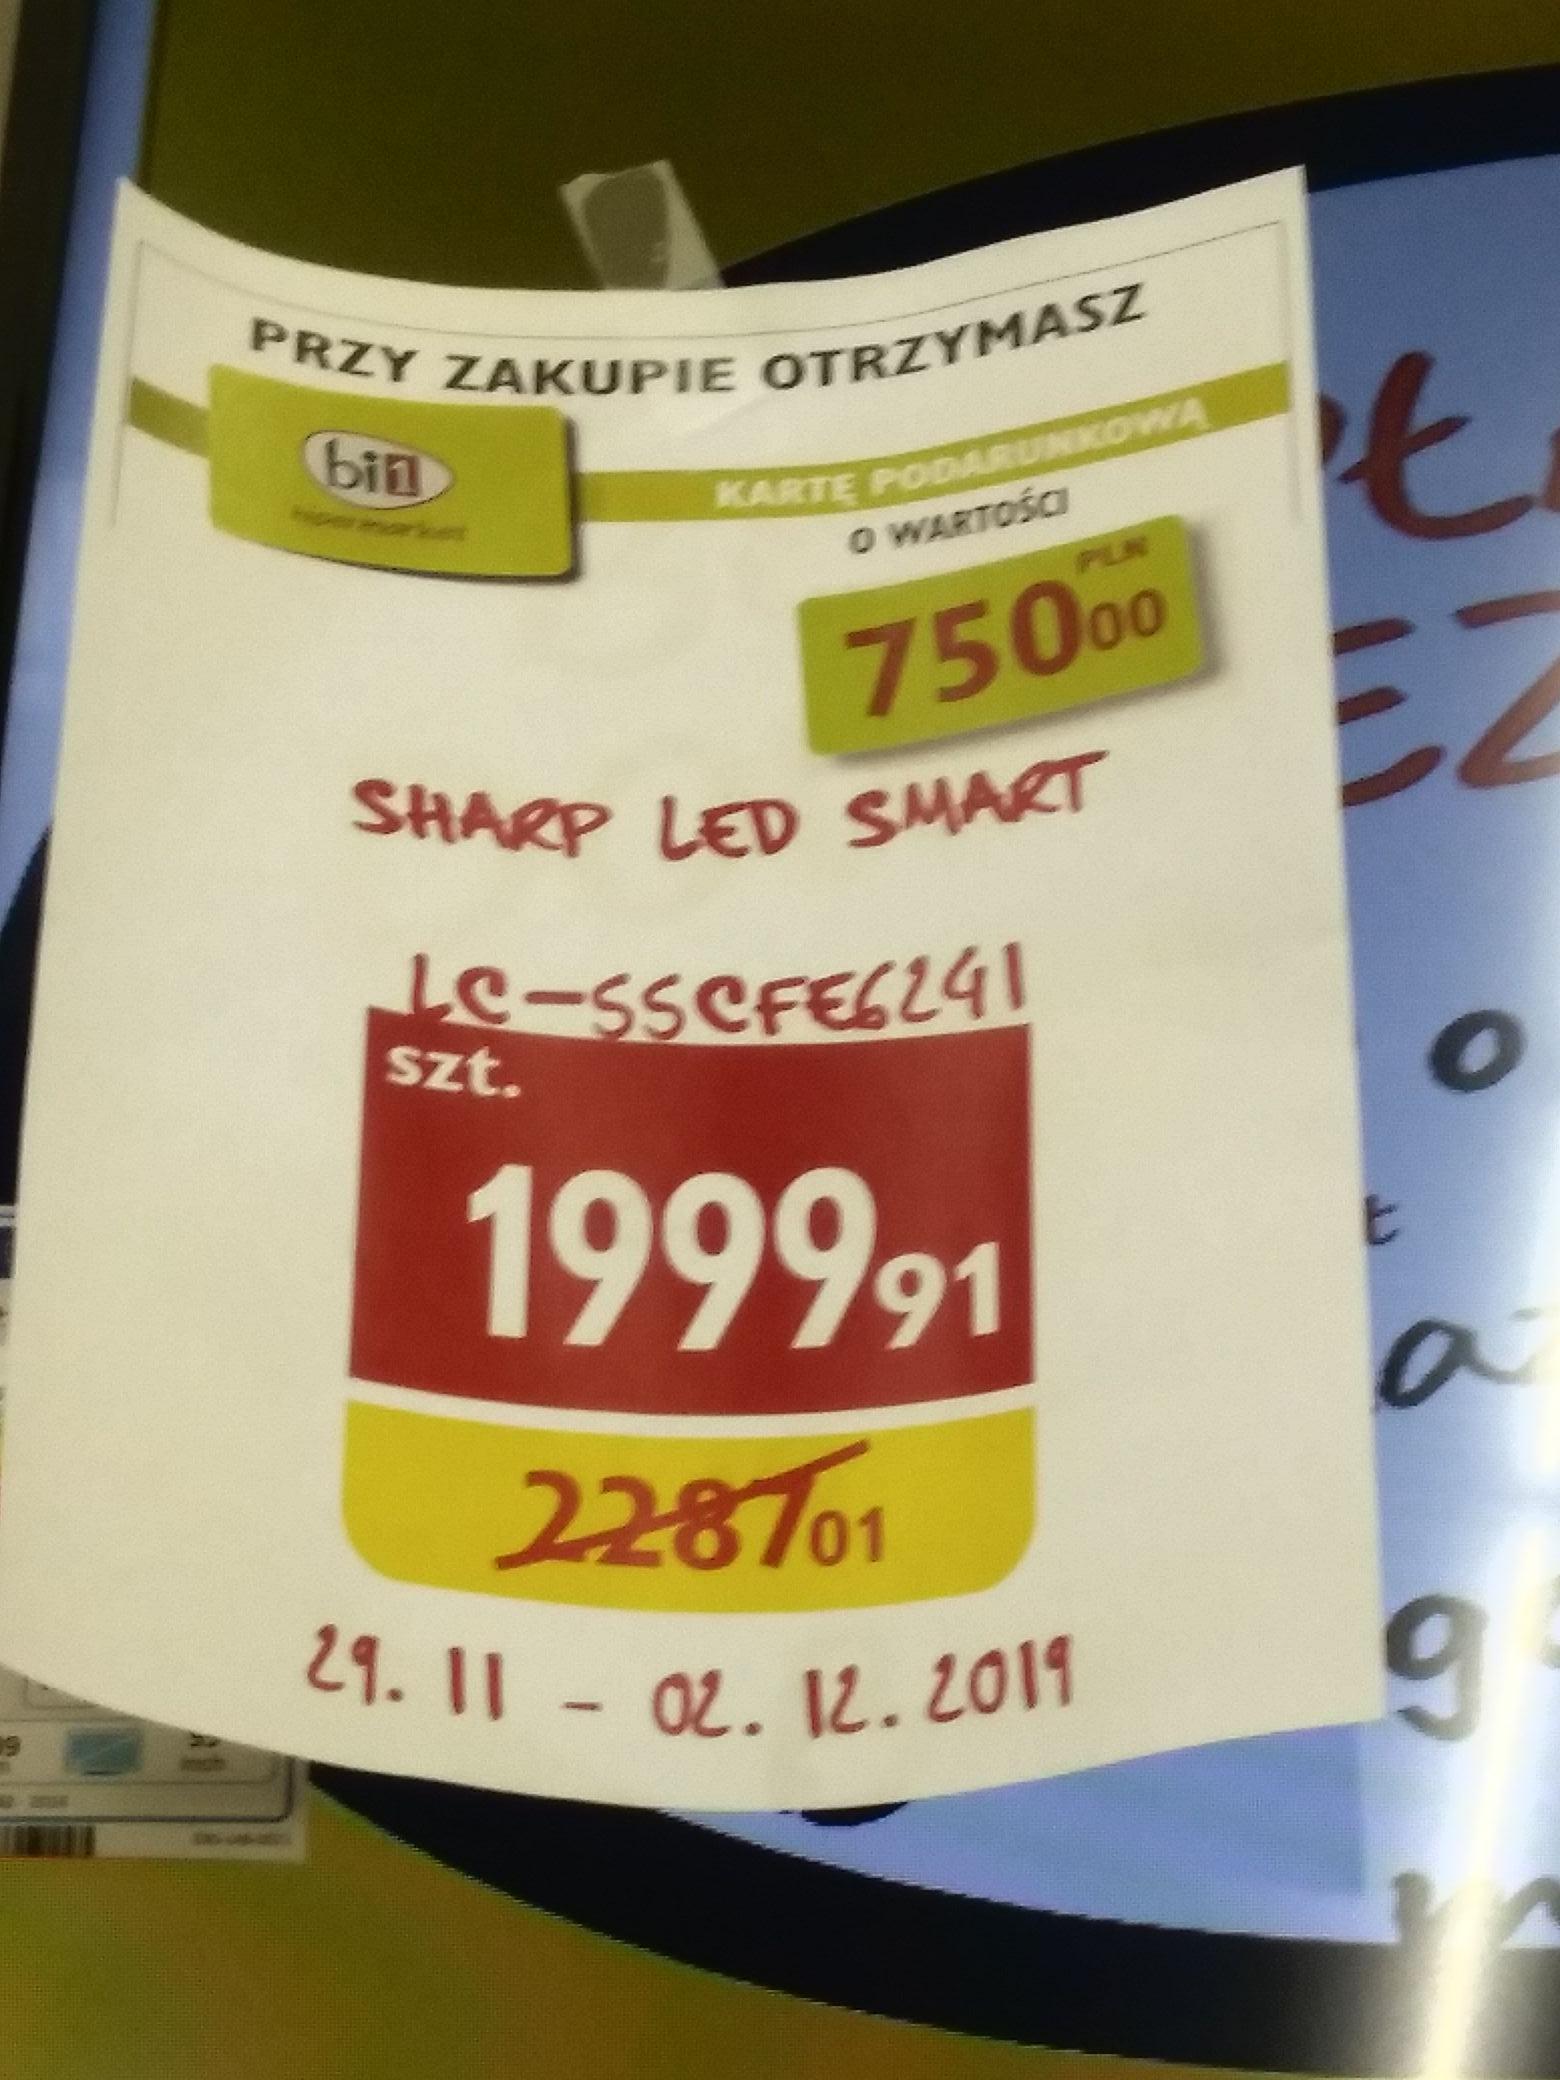 Telewizor sharp smart 55 cali. Lc-55cfe6241 (+750zł na karcie podarunkowej) Hipermarket bi1 BIAŁYSTOK